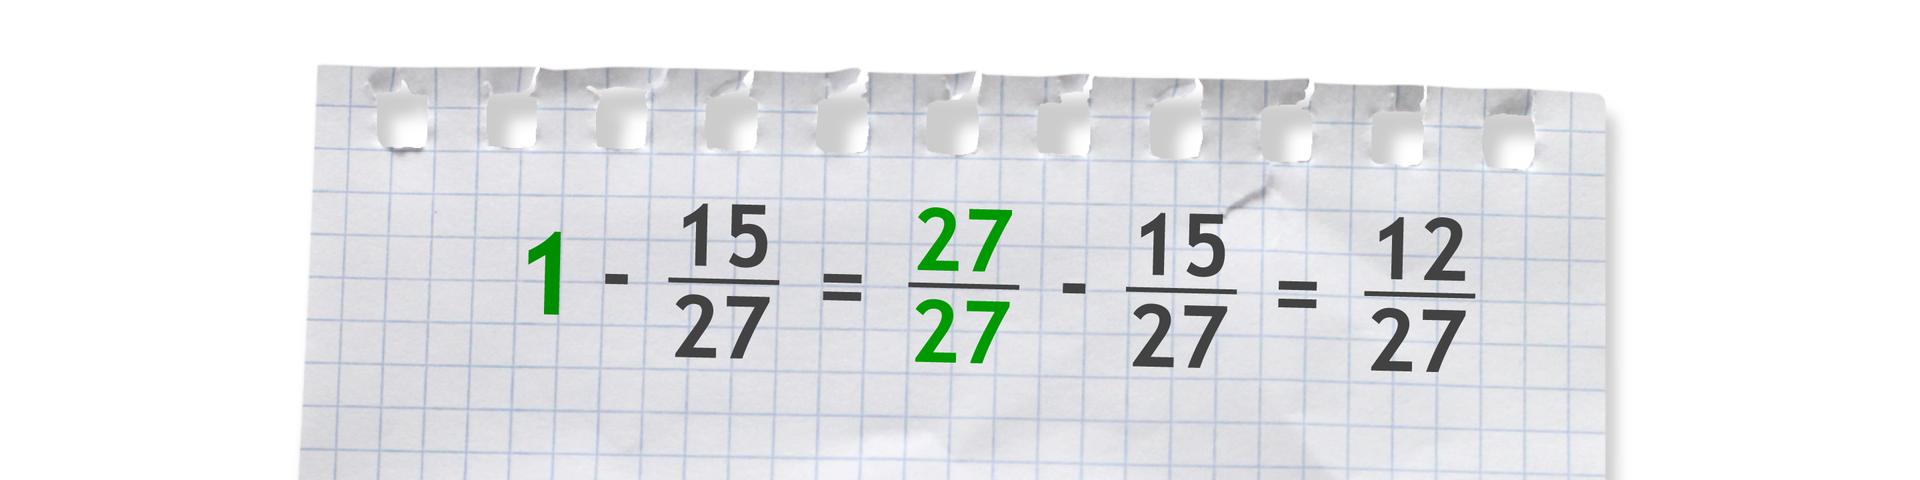 Przykład: jeden minus piętnaście dwudziestych siódmych równa się dwadzieścia siedem dwudziestych siódmych minus piętnaście dwudziestych siódmych równa się dwanaście dwudziestych siódmych.